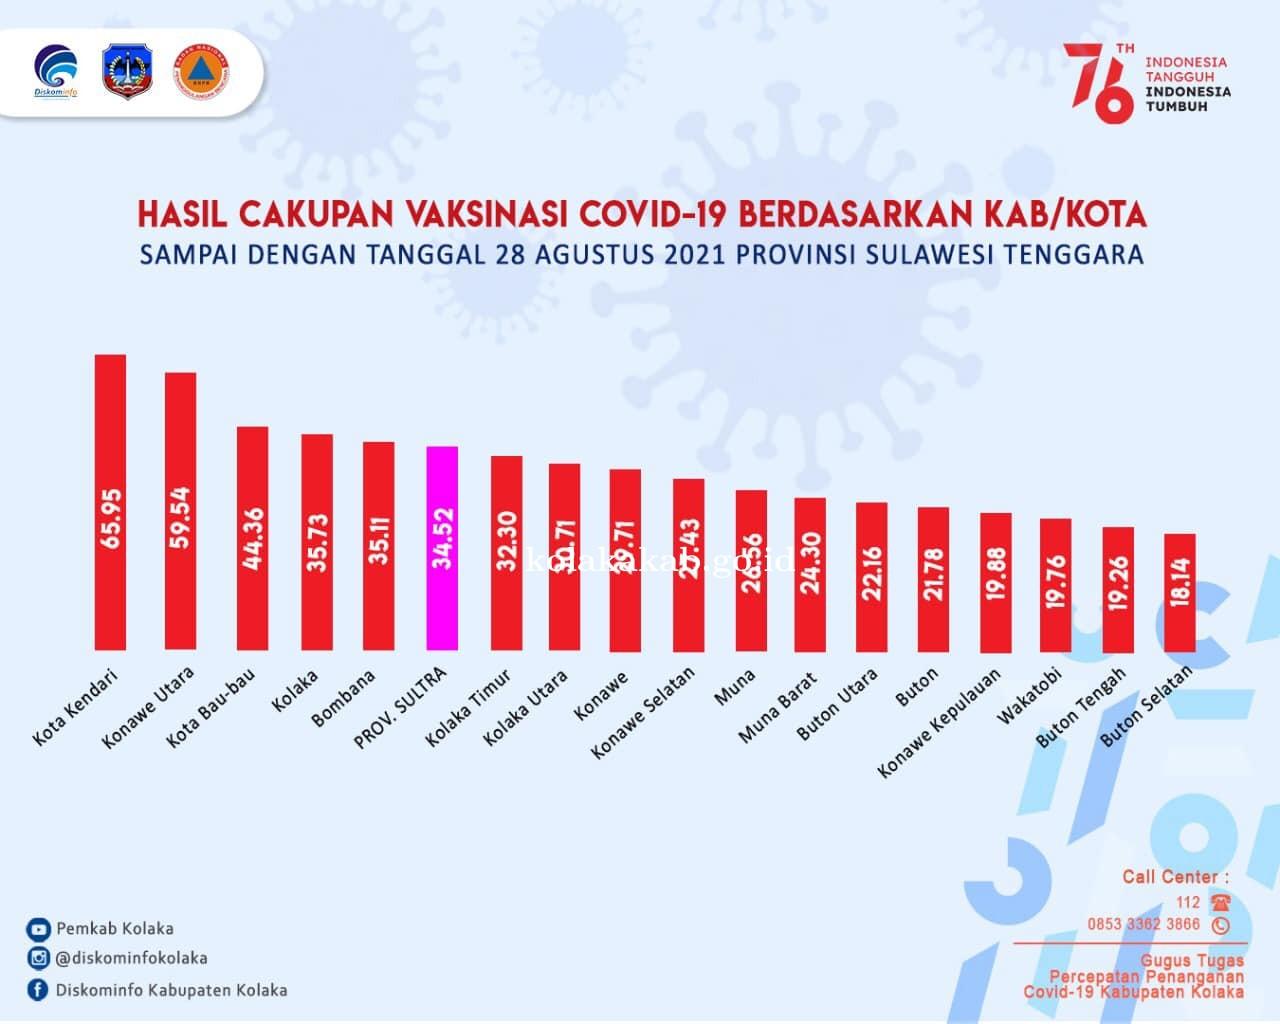 Hasil Cakupan Vaksinasi Covid-19 Berdasarkan Kab/Kota Sampai Dengan Tanggal 28 Agustus Prov. Sultra